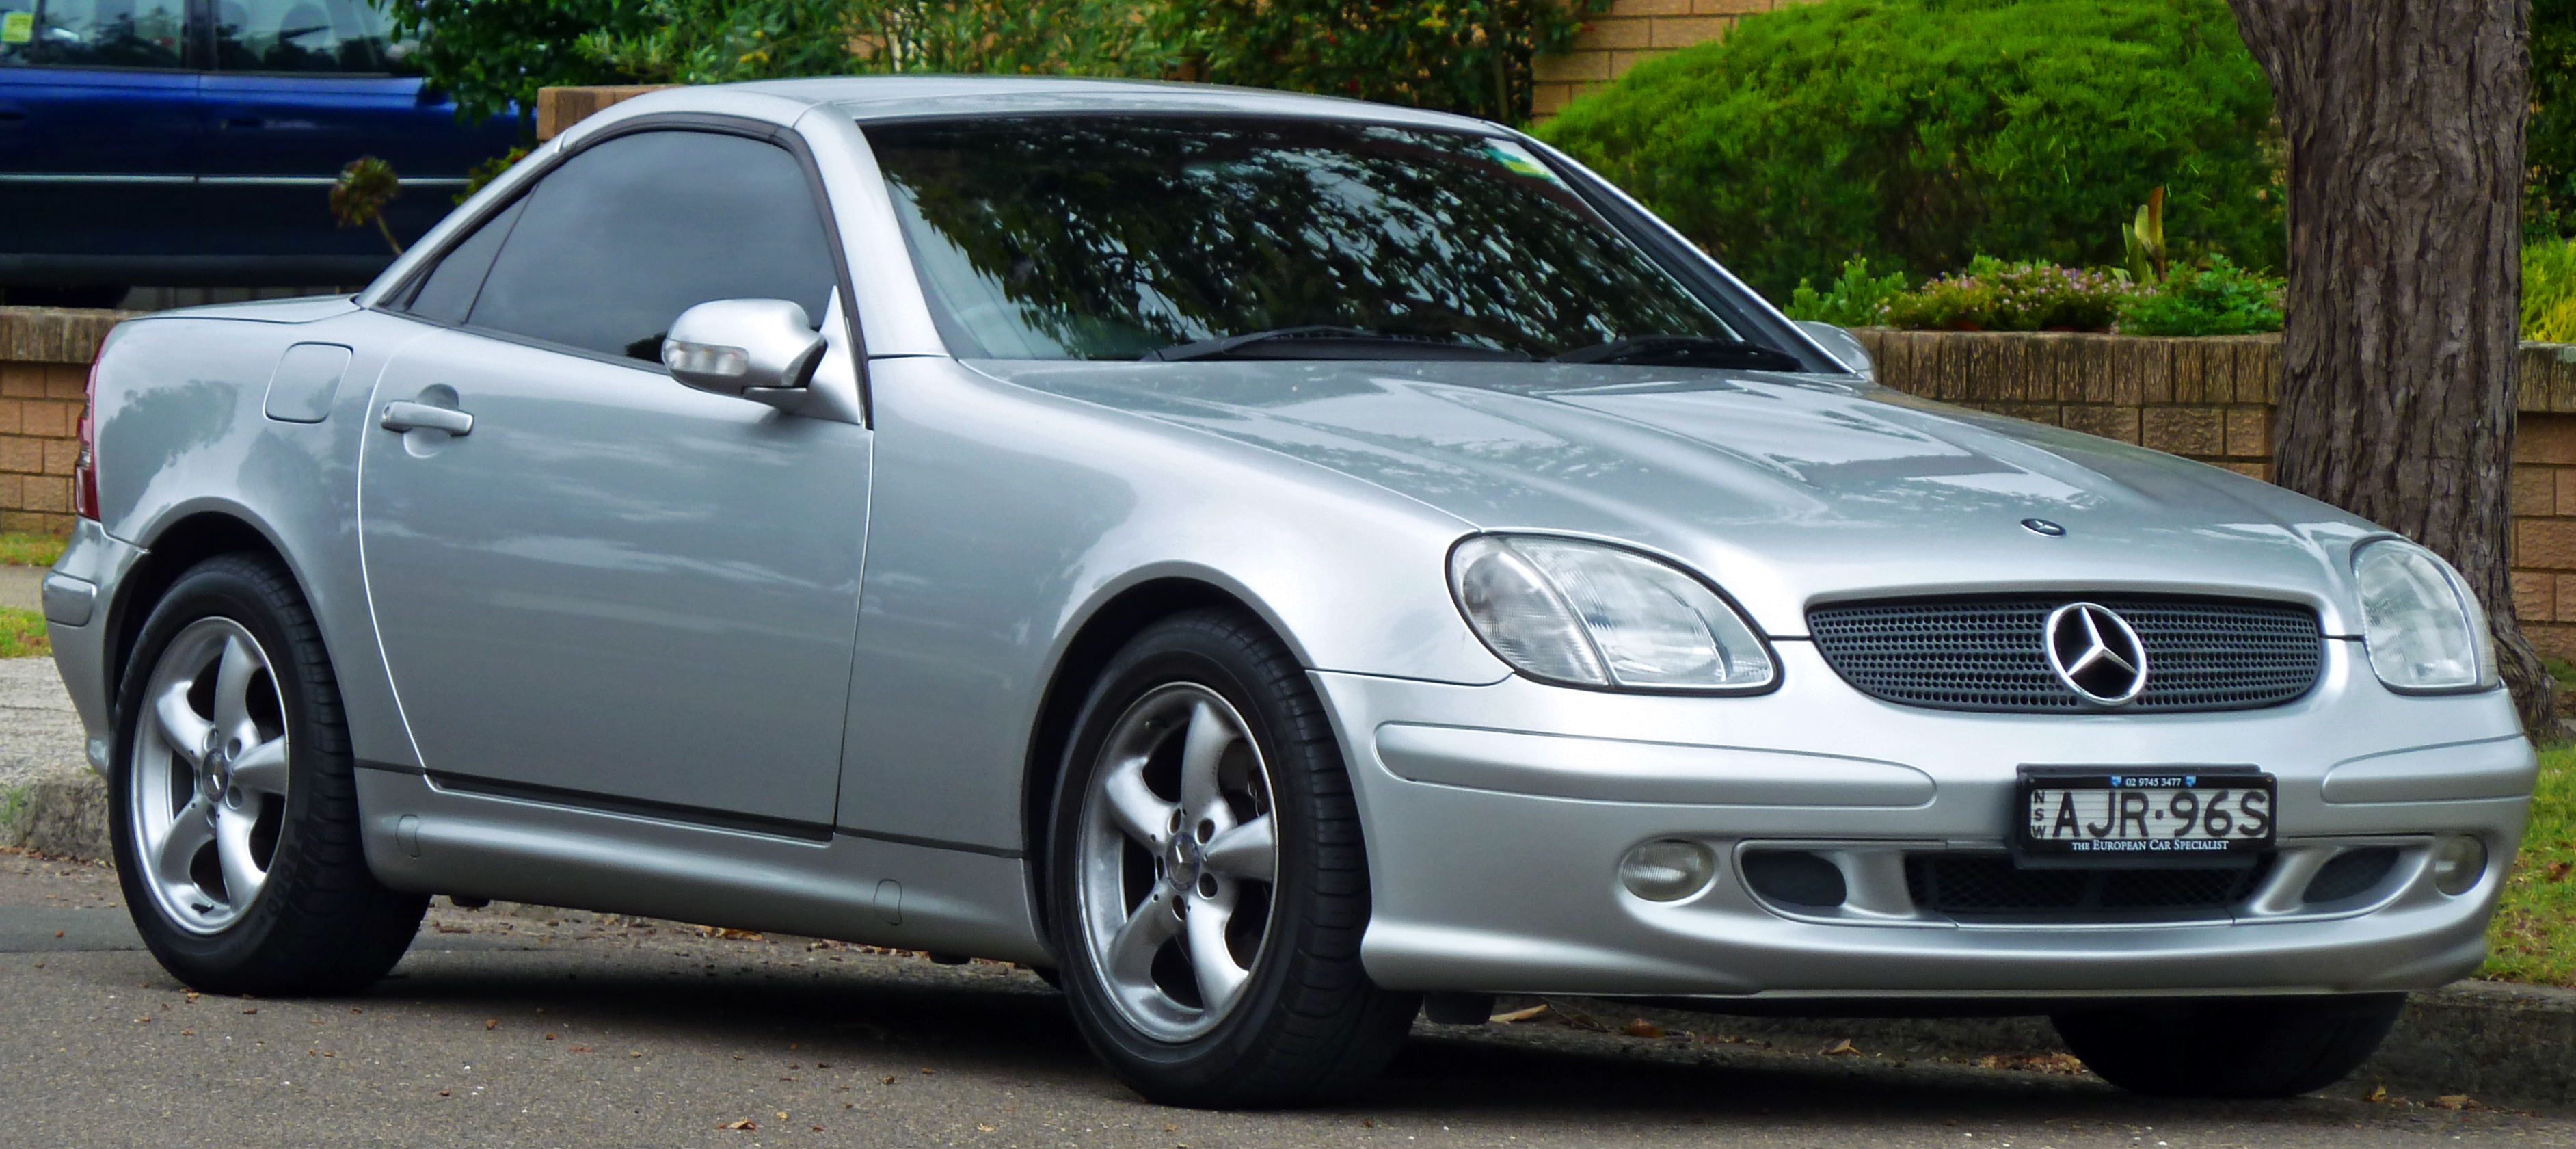 Mercedes-Benz SLK-klasse AMG I (R170) 2001 - 2004 Roadster #6